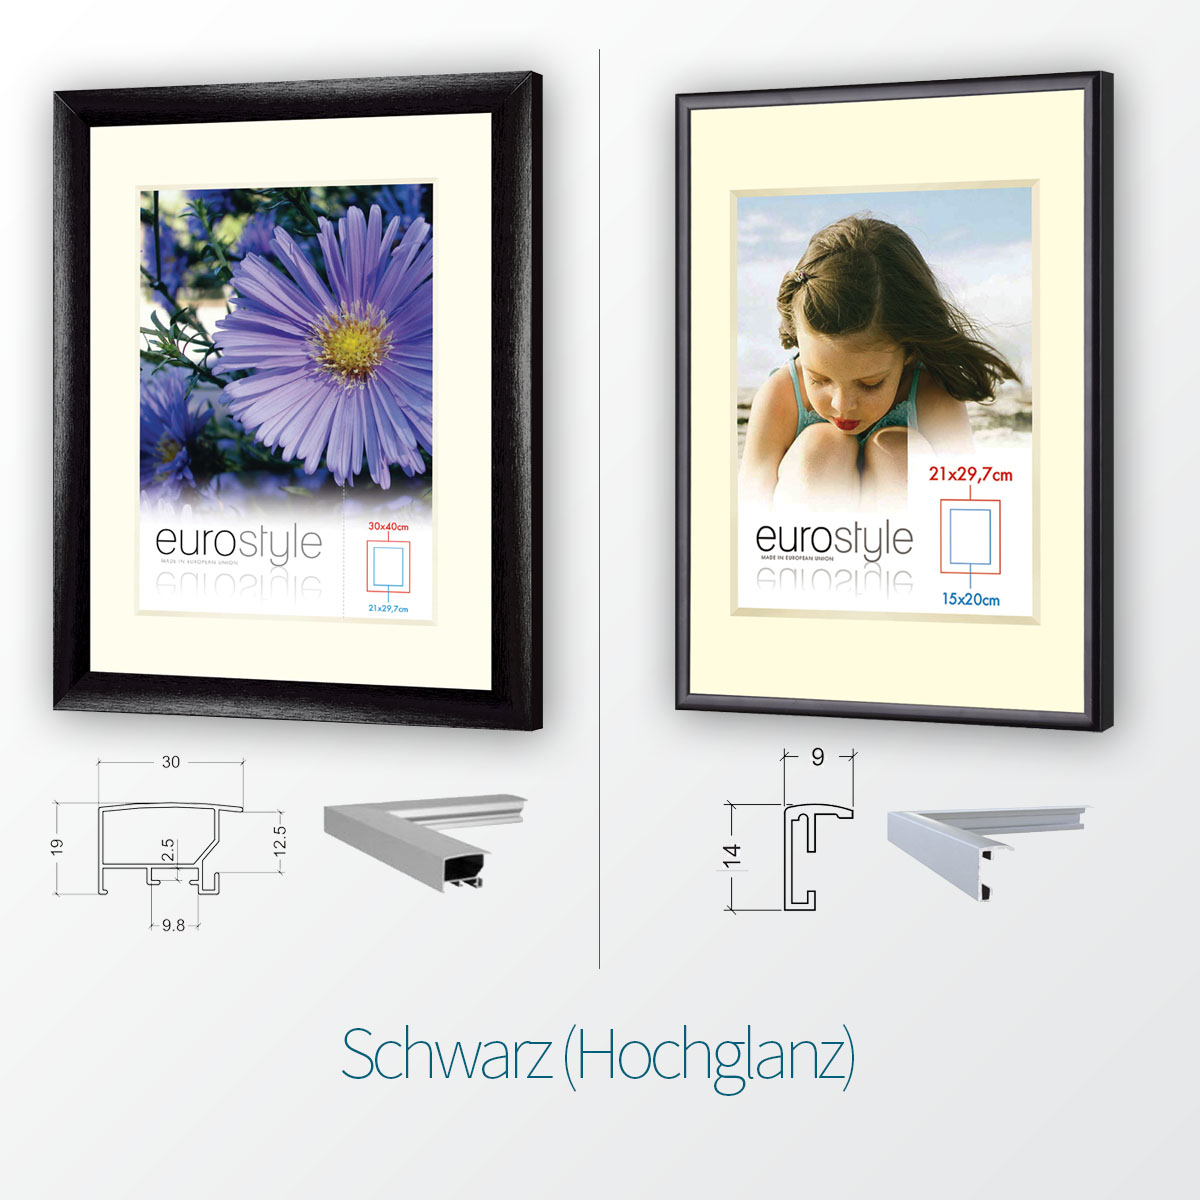 aluminium bilderrahmen in 4 farben und 2 profil breiten alu rahmen plakat rahmen ebay. Black Bedroom Furniture Sets. Home Design Ideas